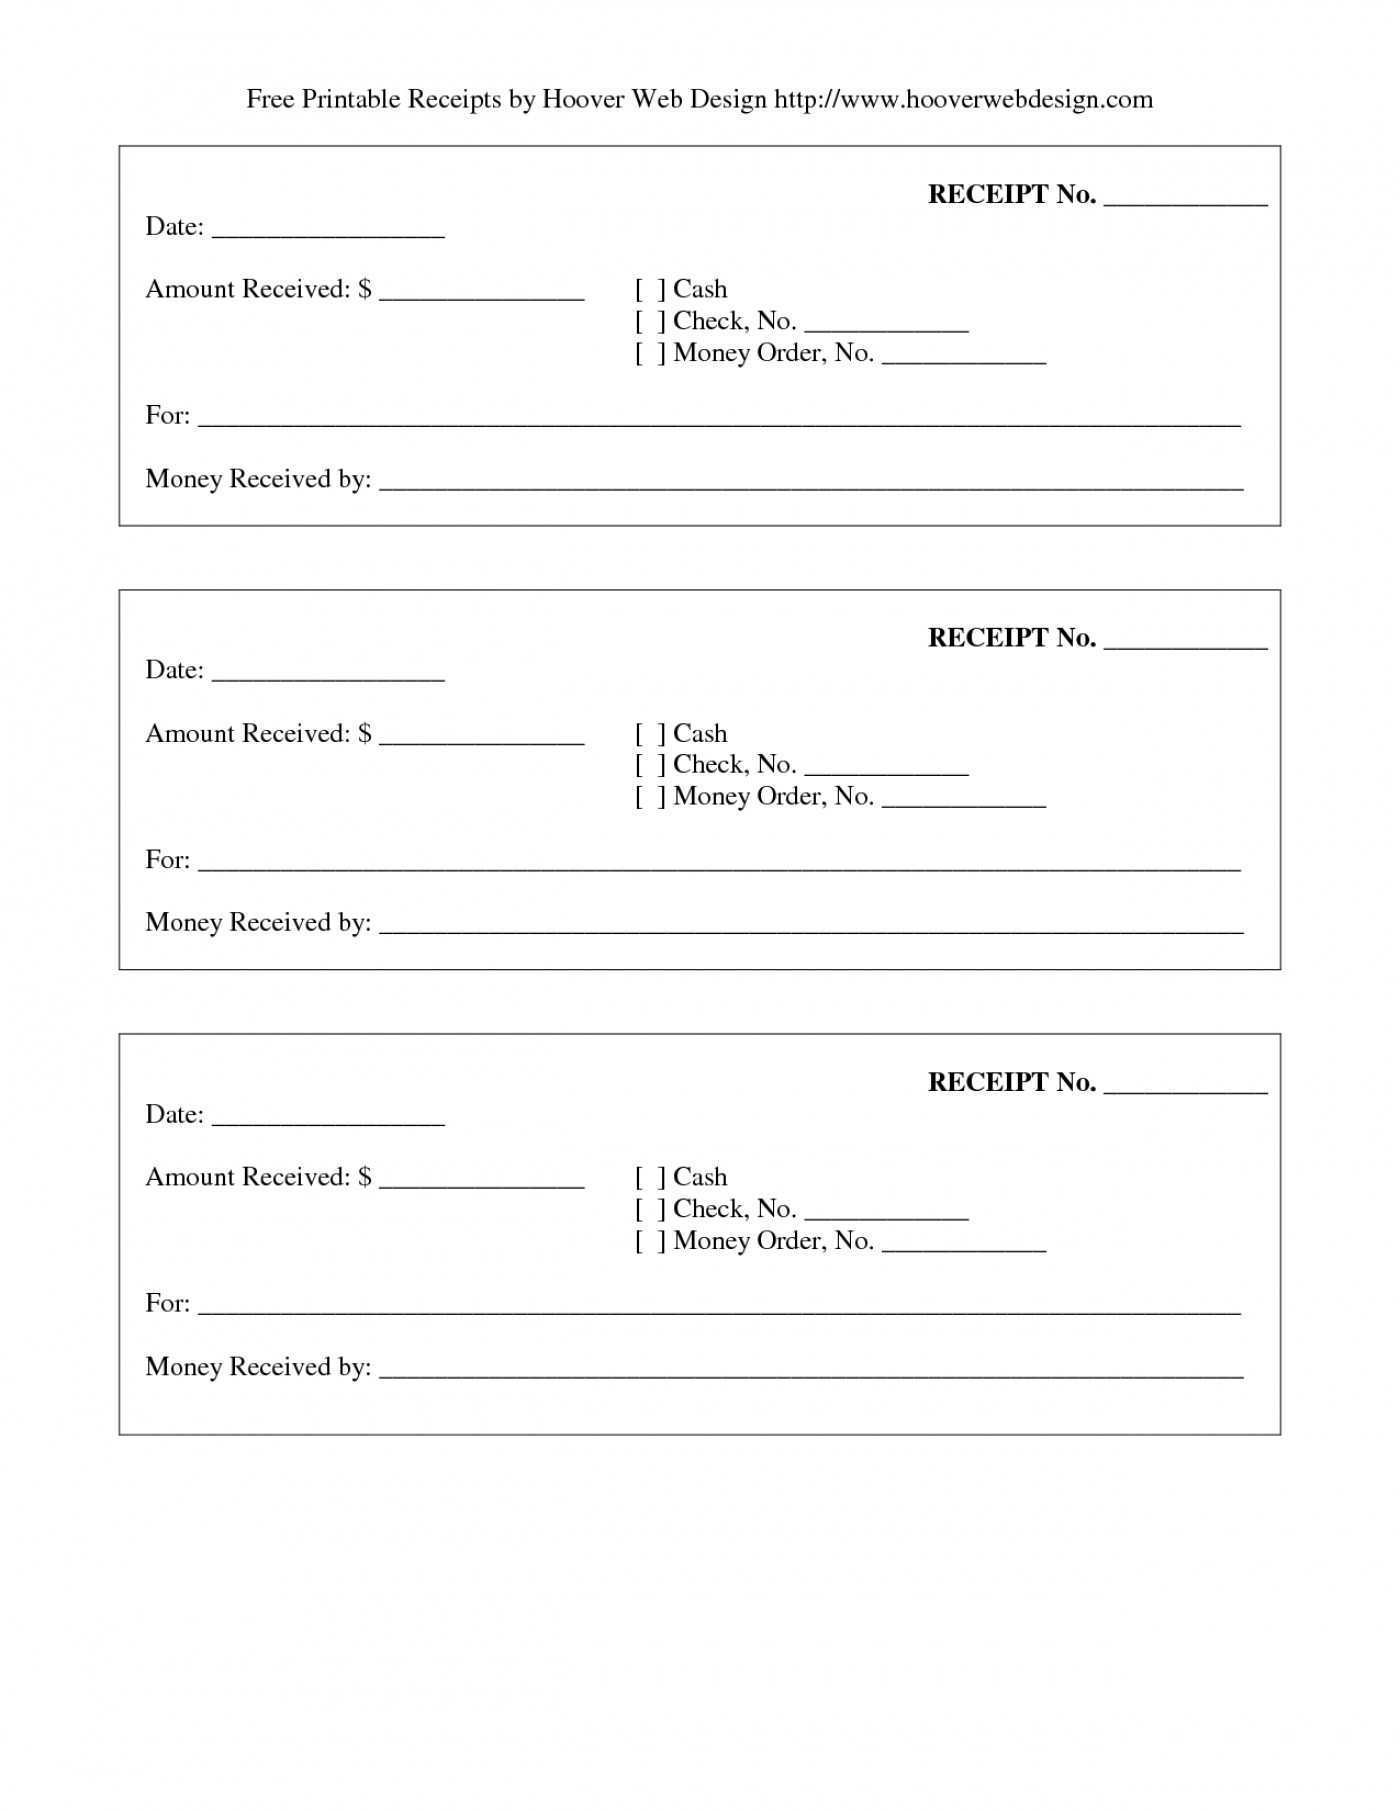 54 Standard Blank Receipt Template Uk Layouts By Blank Receipt Template Uk Cards Design Templates